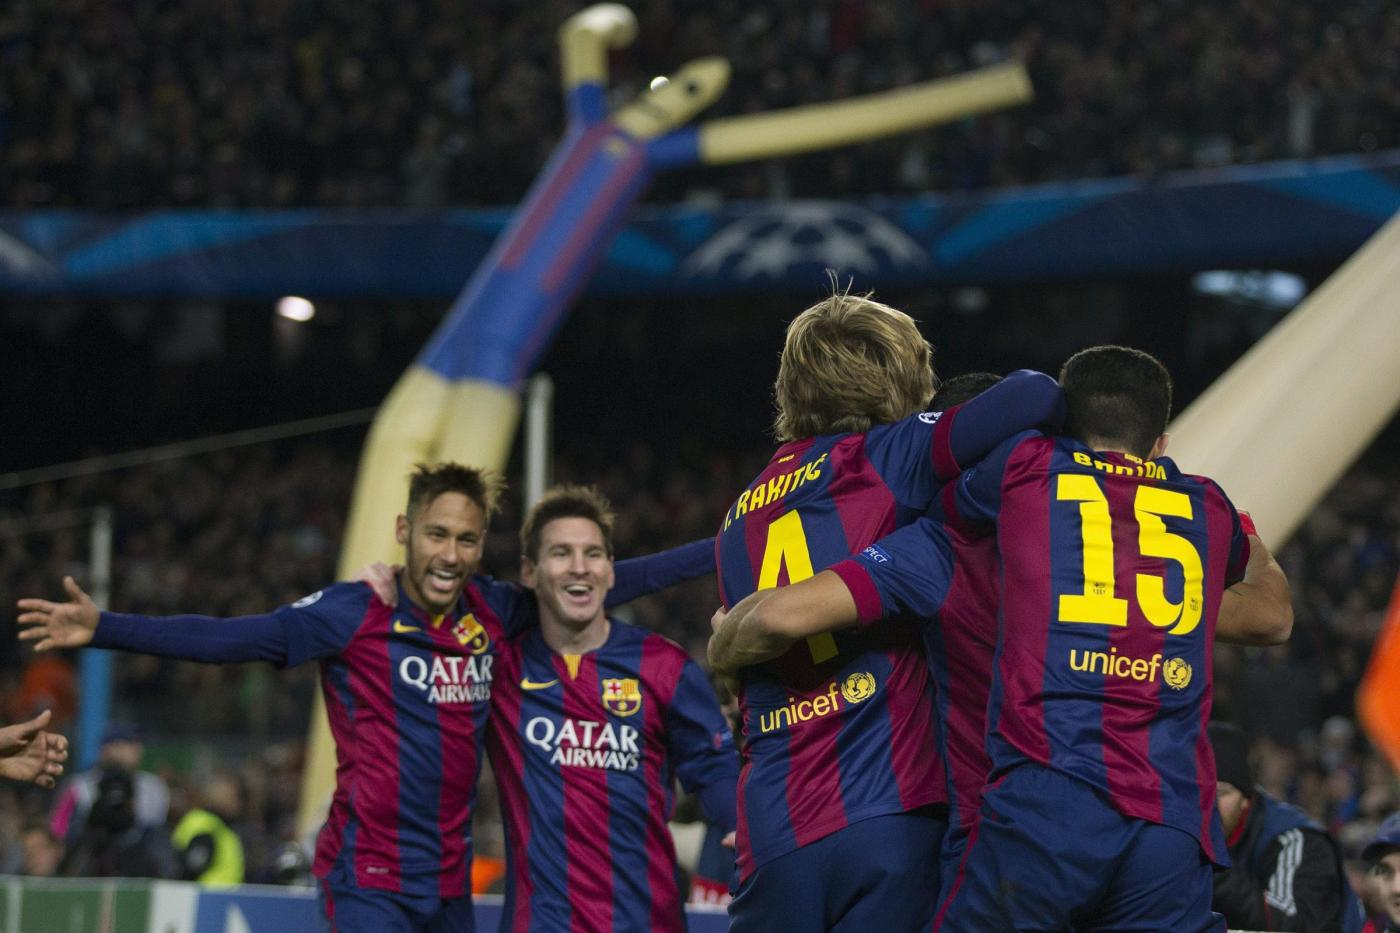 Champions League 2014/15: le qualificate agli ottavi di finale